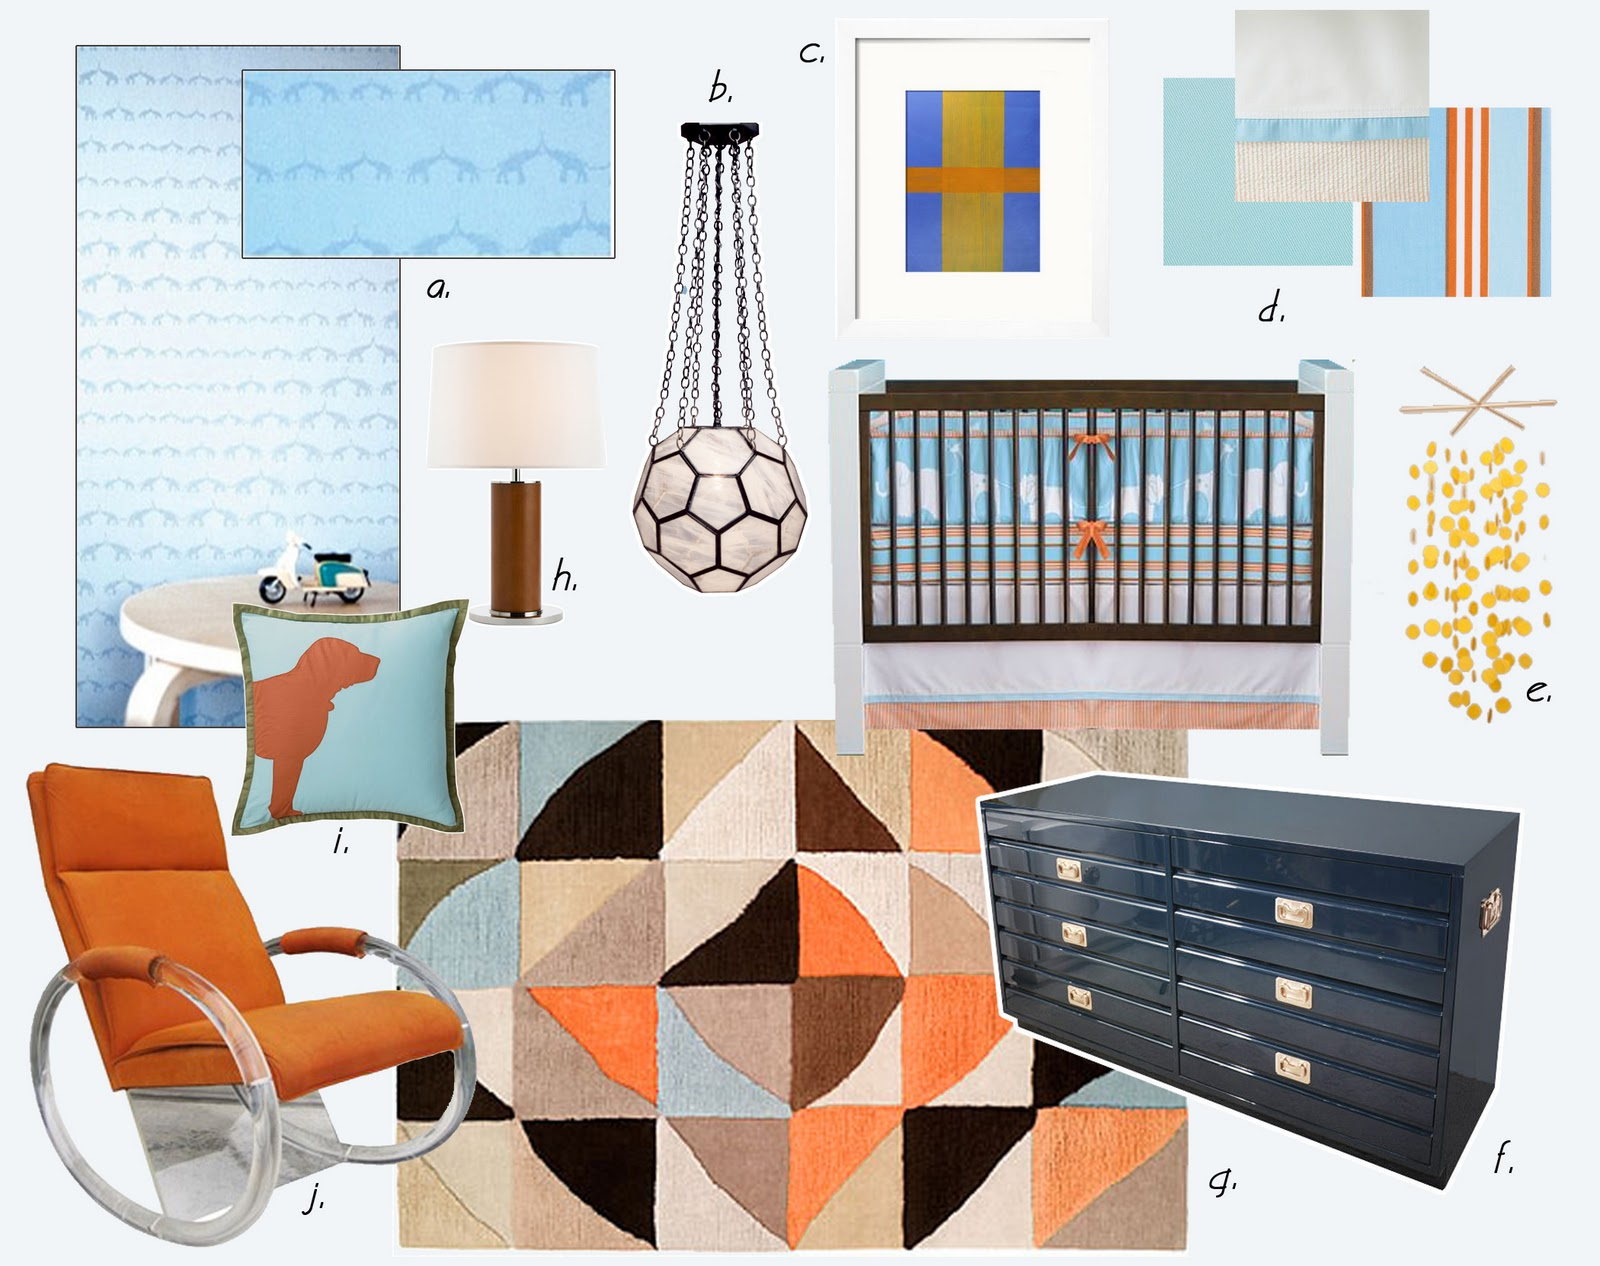 http://1.bp.blogspot.com/-XbXay-QF3OI/TokP0MmAOPI/AAAAAAAAAWc/tw2KsXTp-PM/s1600/Boy+nursery.jpg